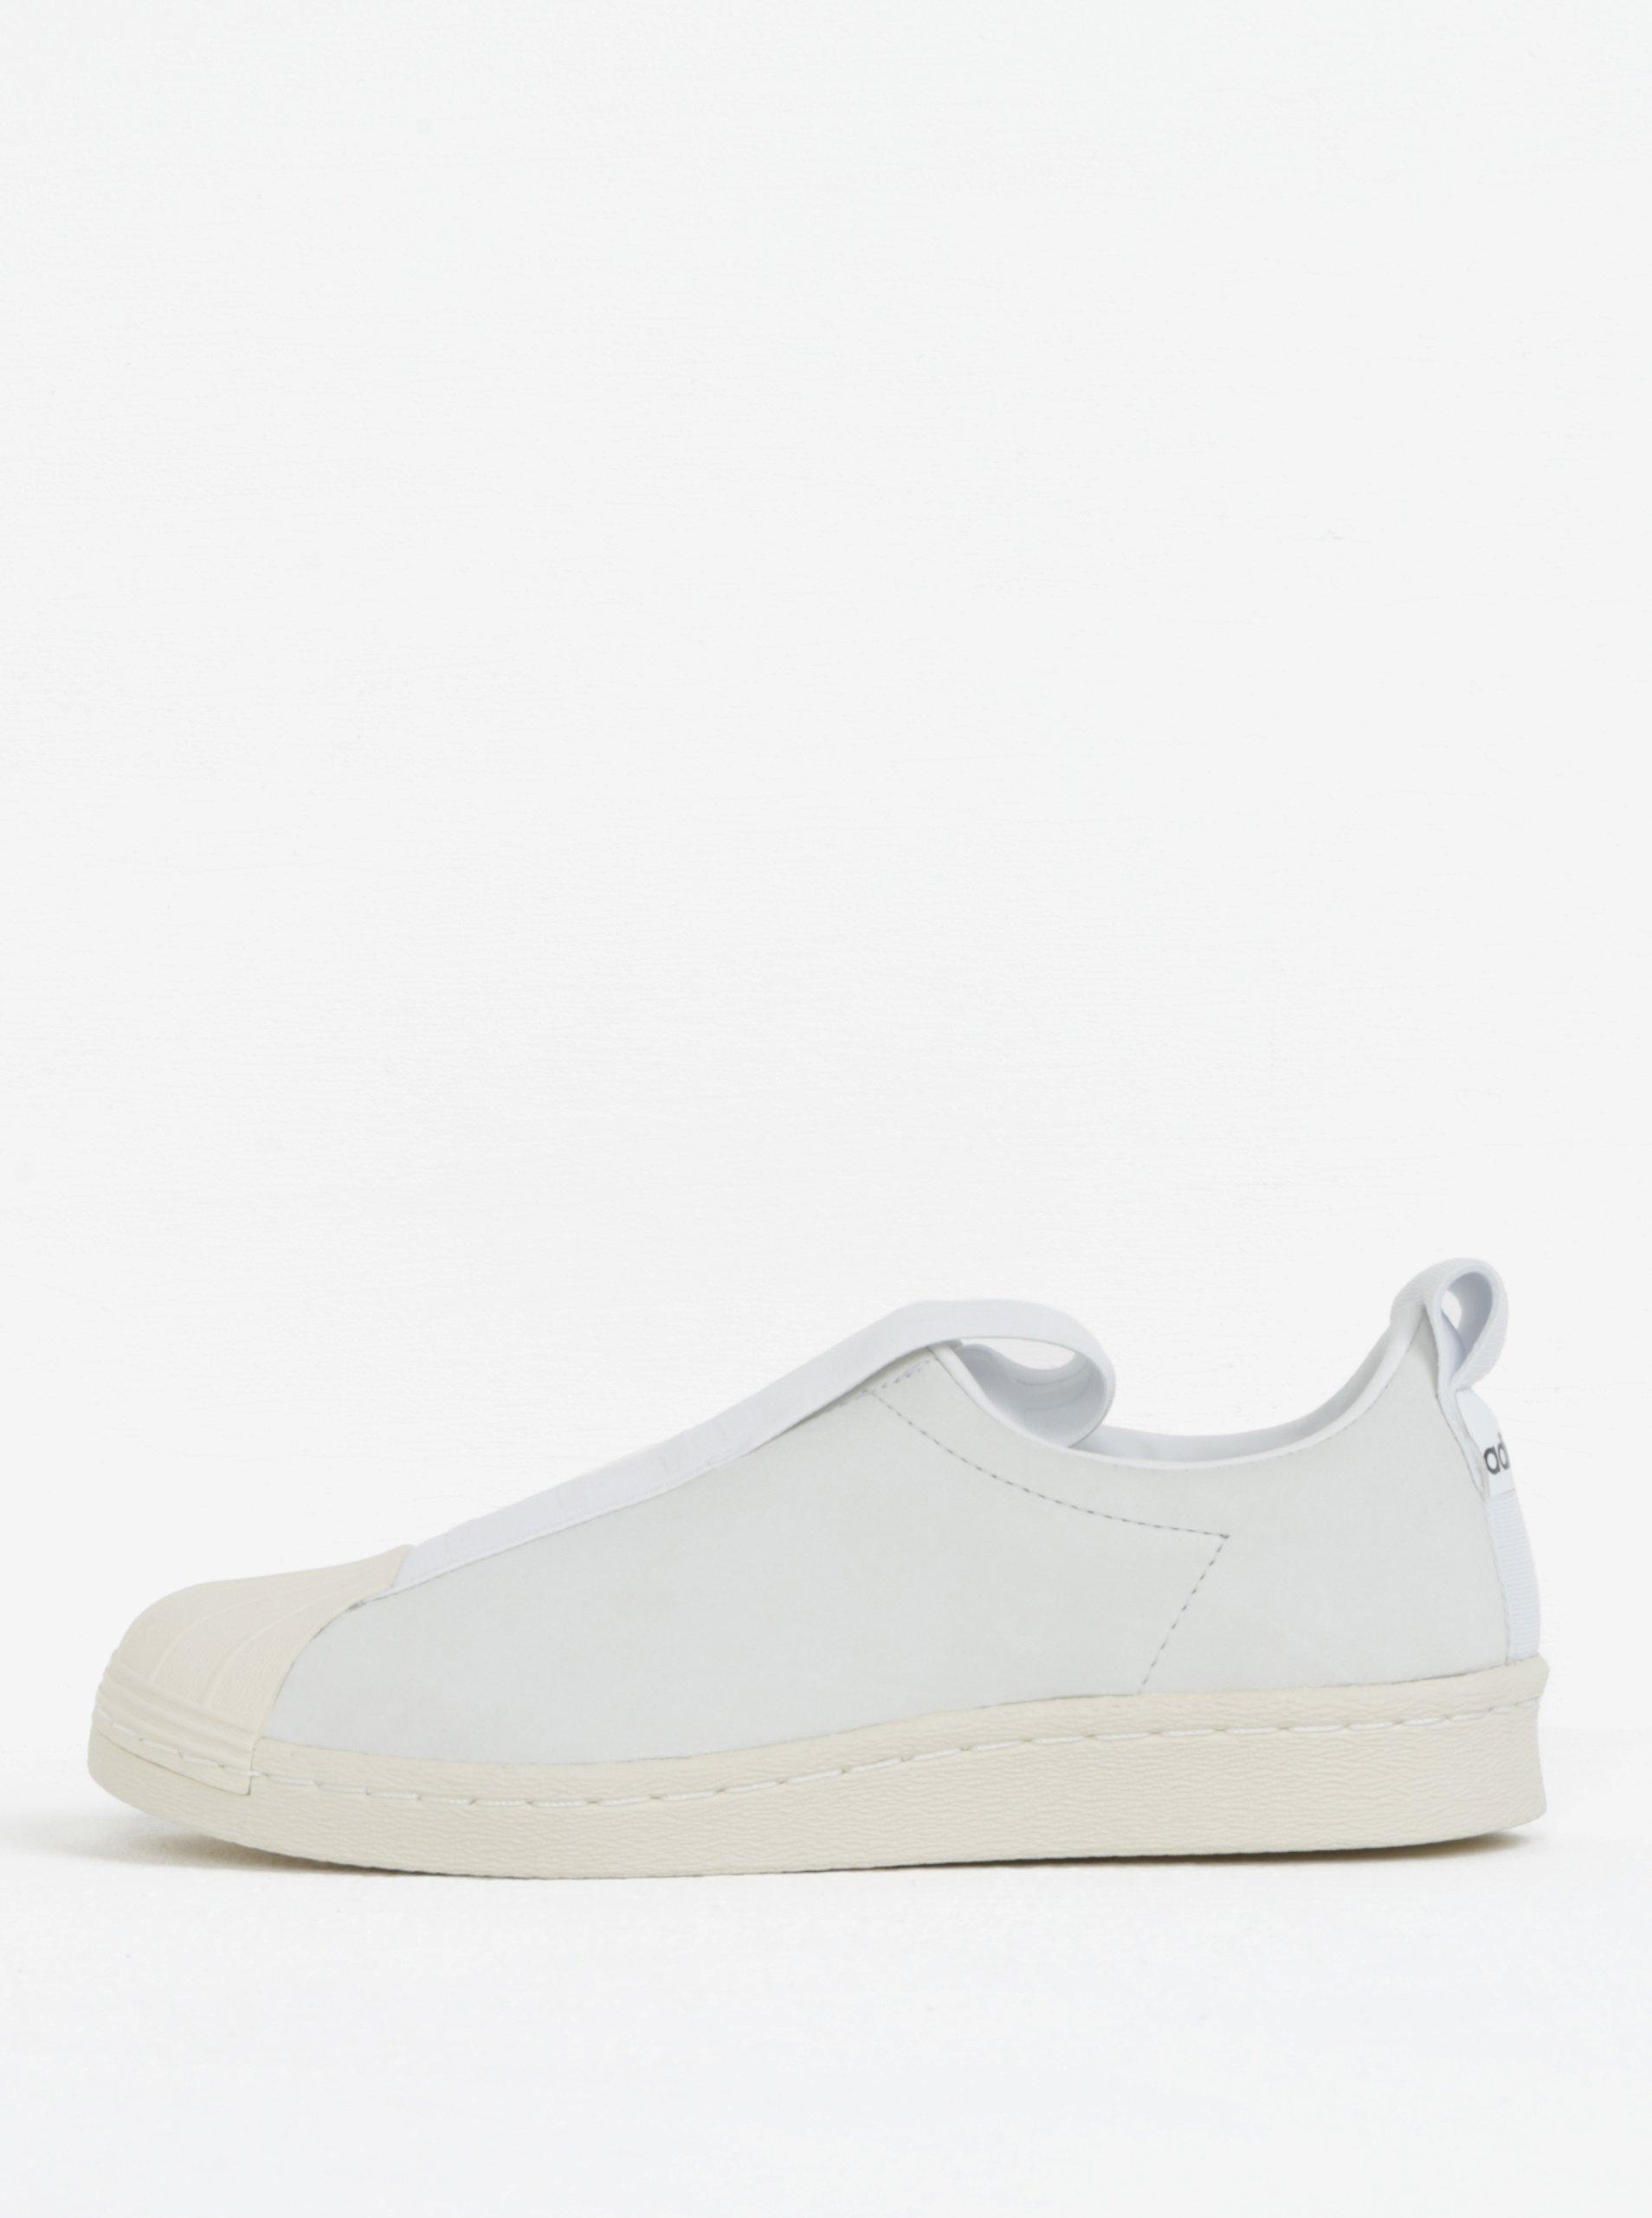 4a801625433 Bílé dámské kožené slip on adidas Originals Tubular Superstar